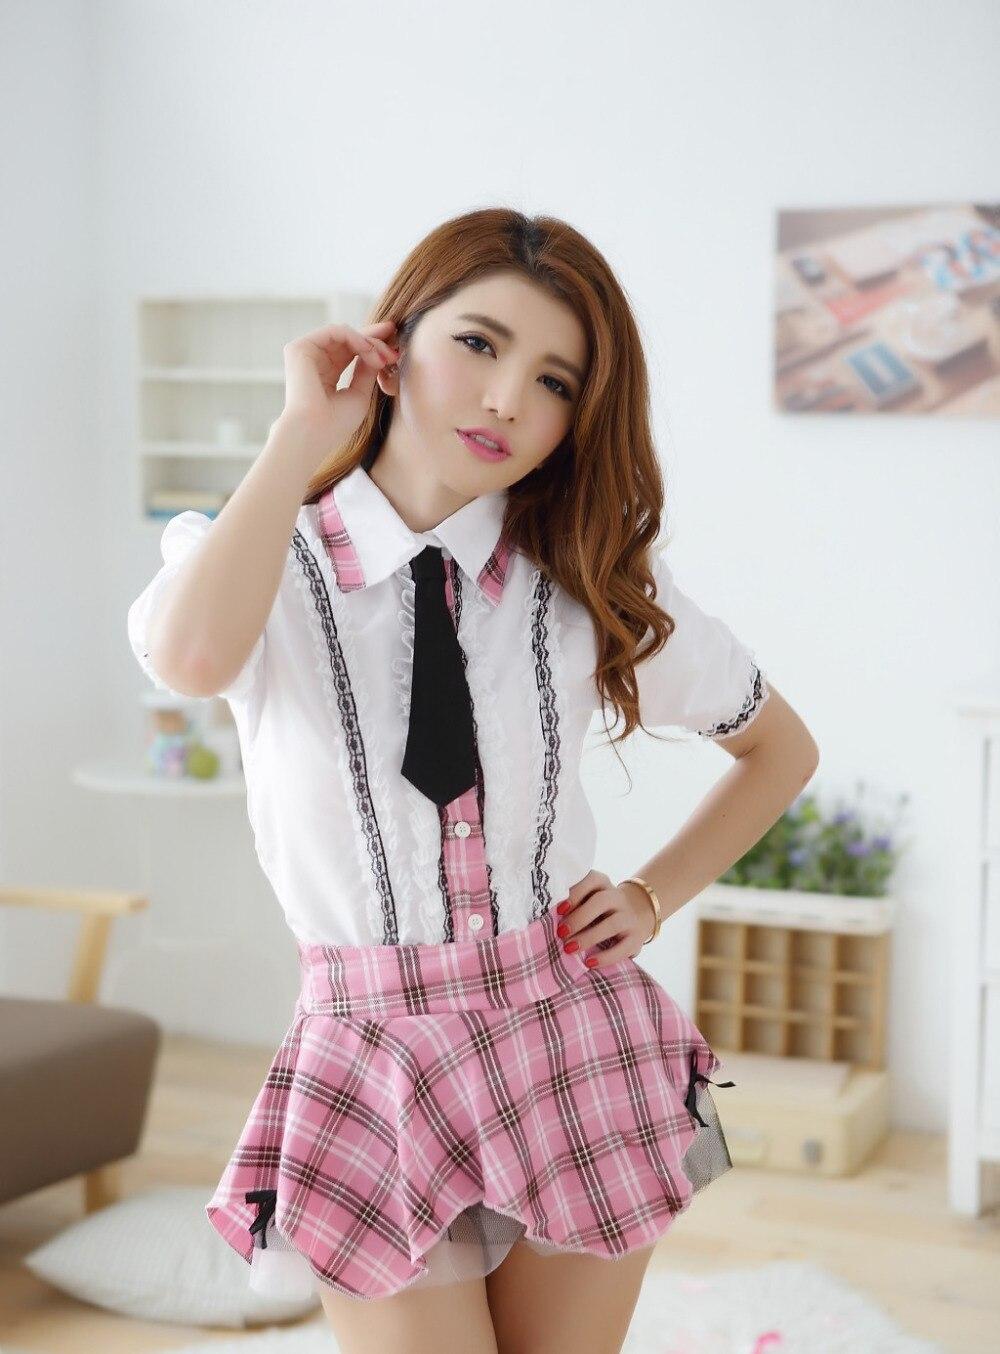 Сексуальное женское белье школьница ropa интерьер mujer Эротика косплей розовый сексуальные костюмы студент форма интимные изделия женские